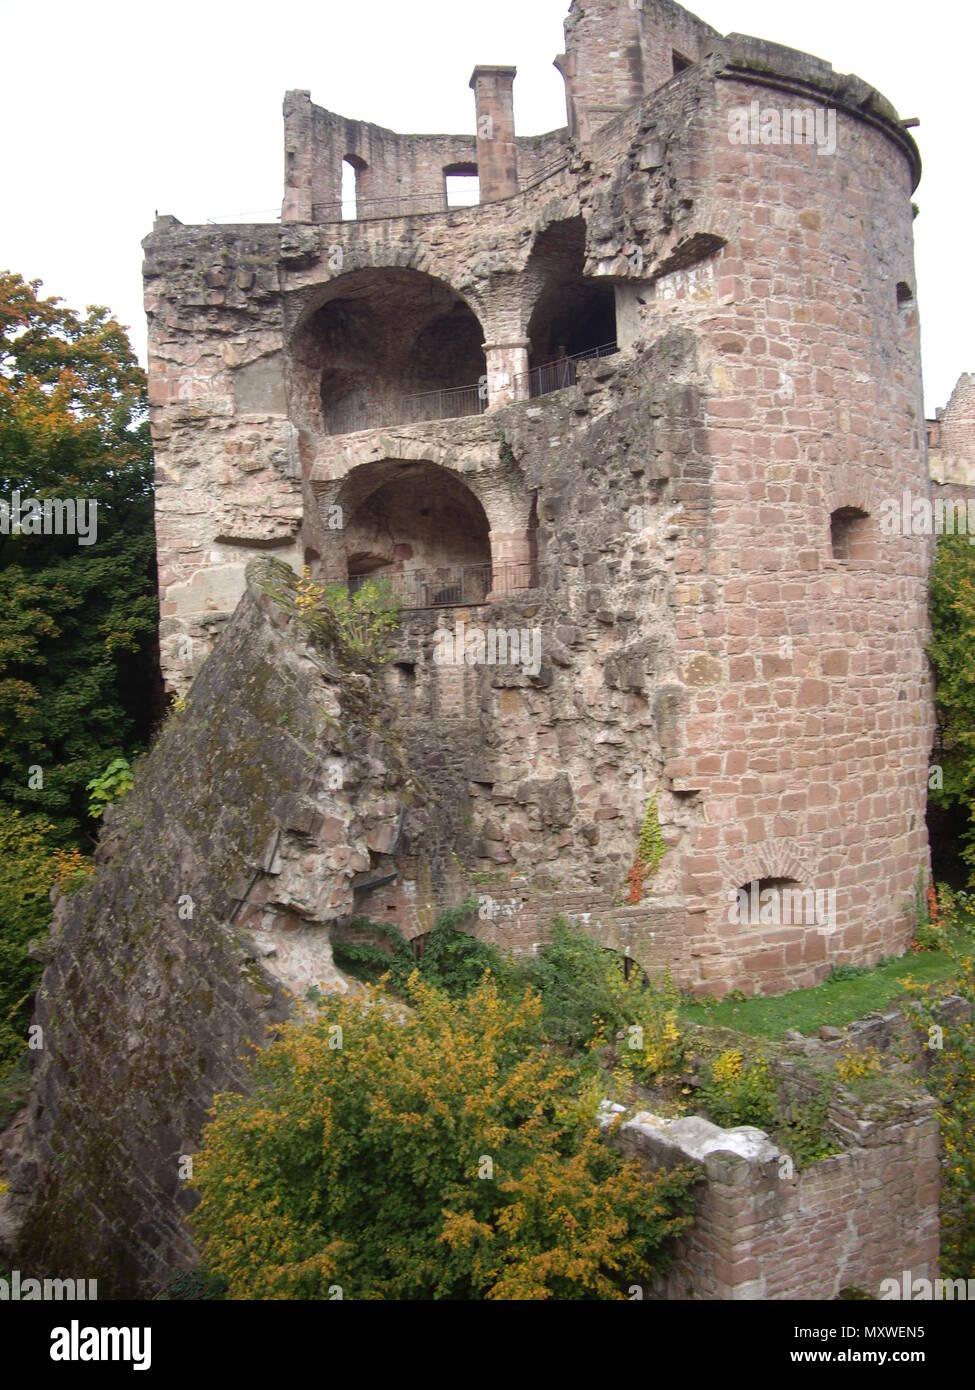 Ruins of the Heidelberg Castle in Heidelberg, Germany. - Stock Image